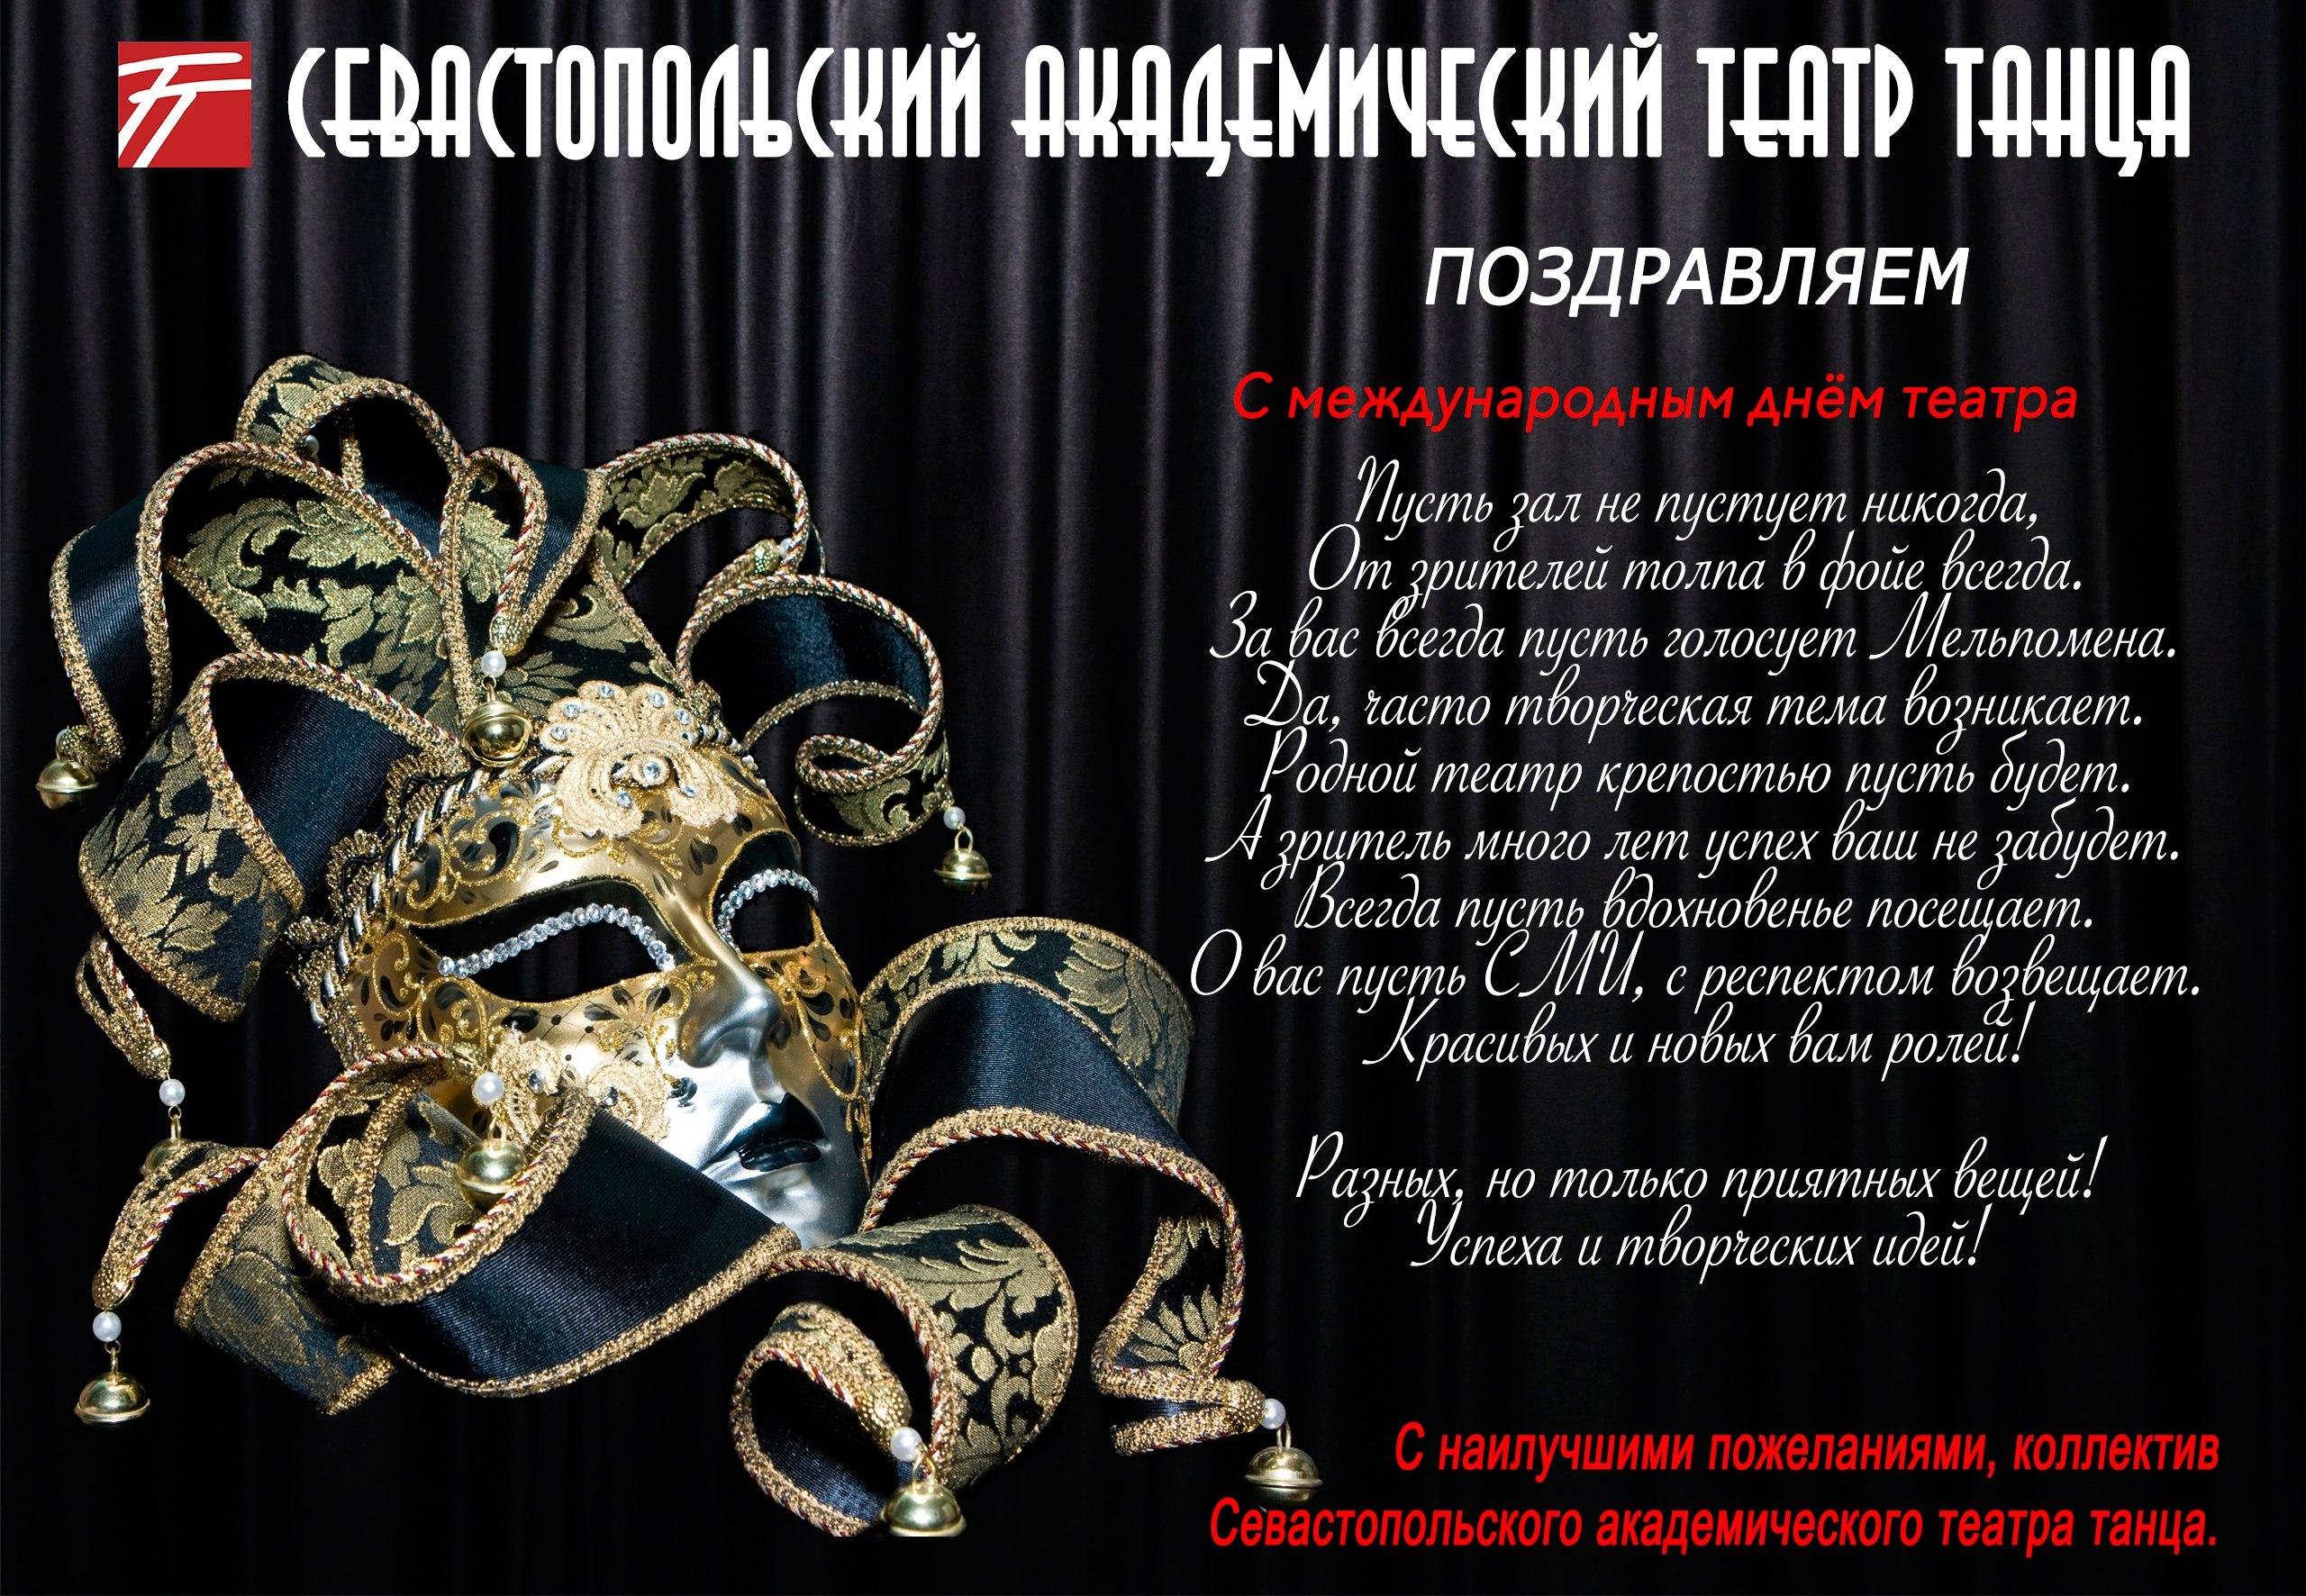 День театра 2019 дата праздника, история, поздравления 81